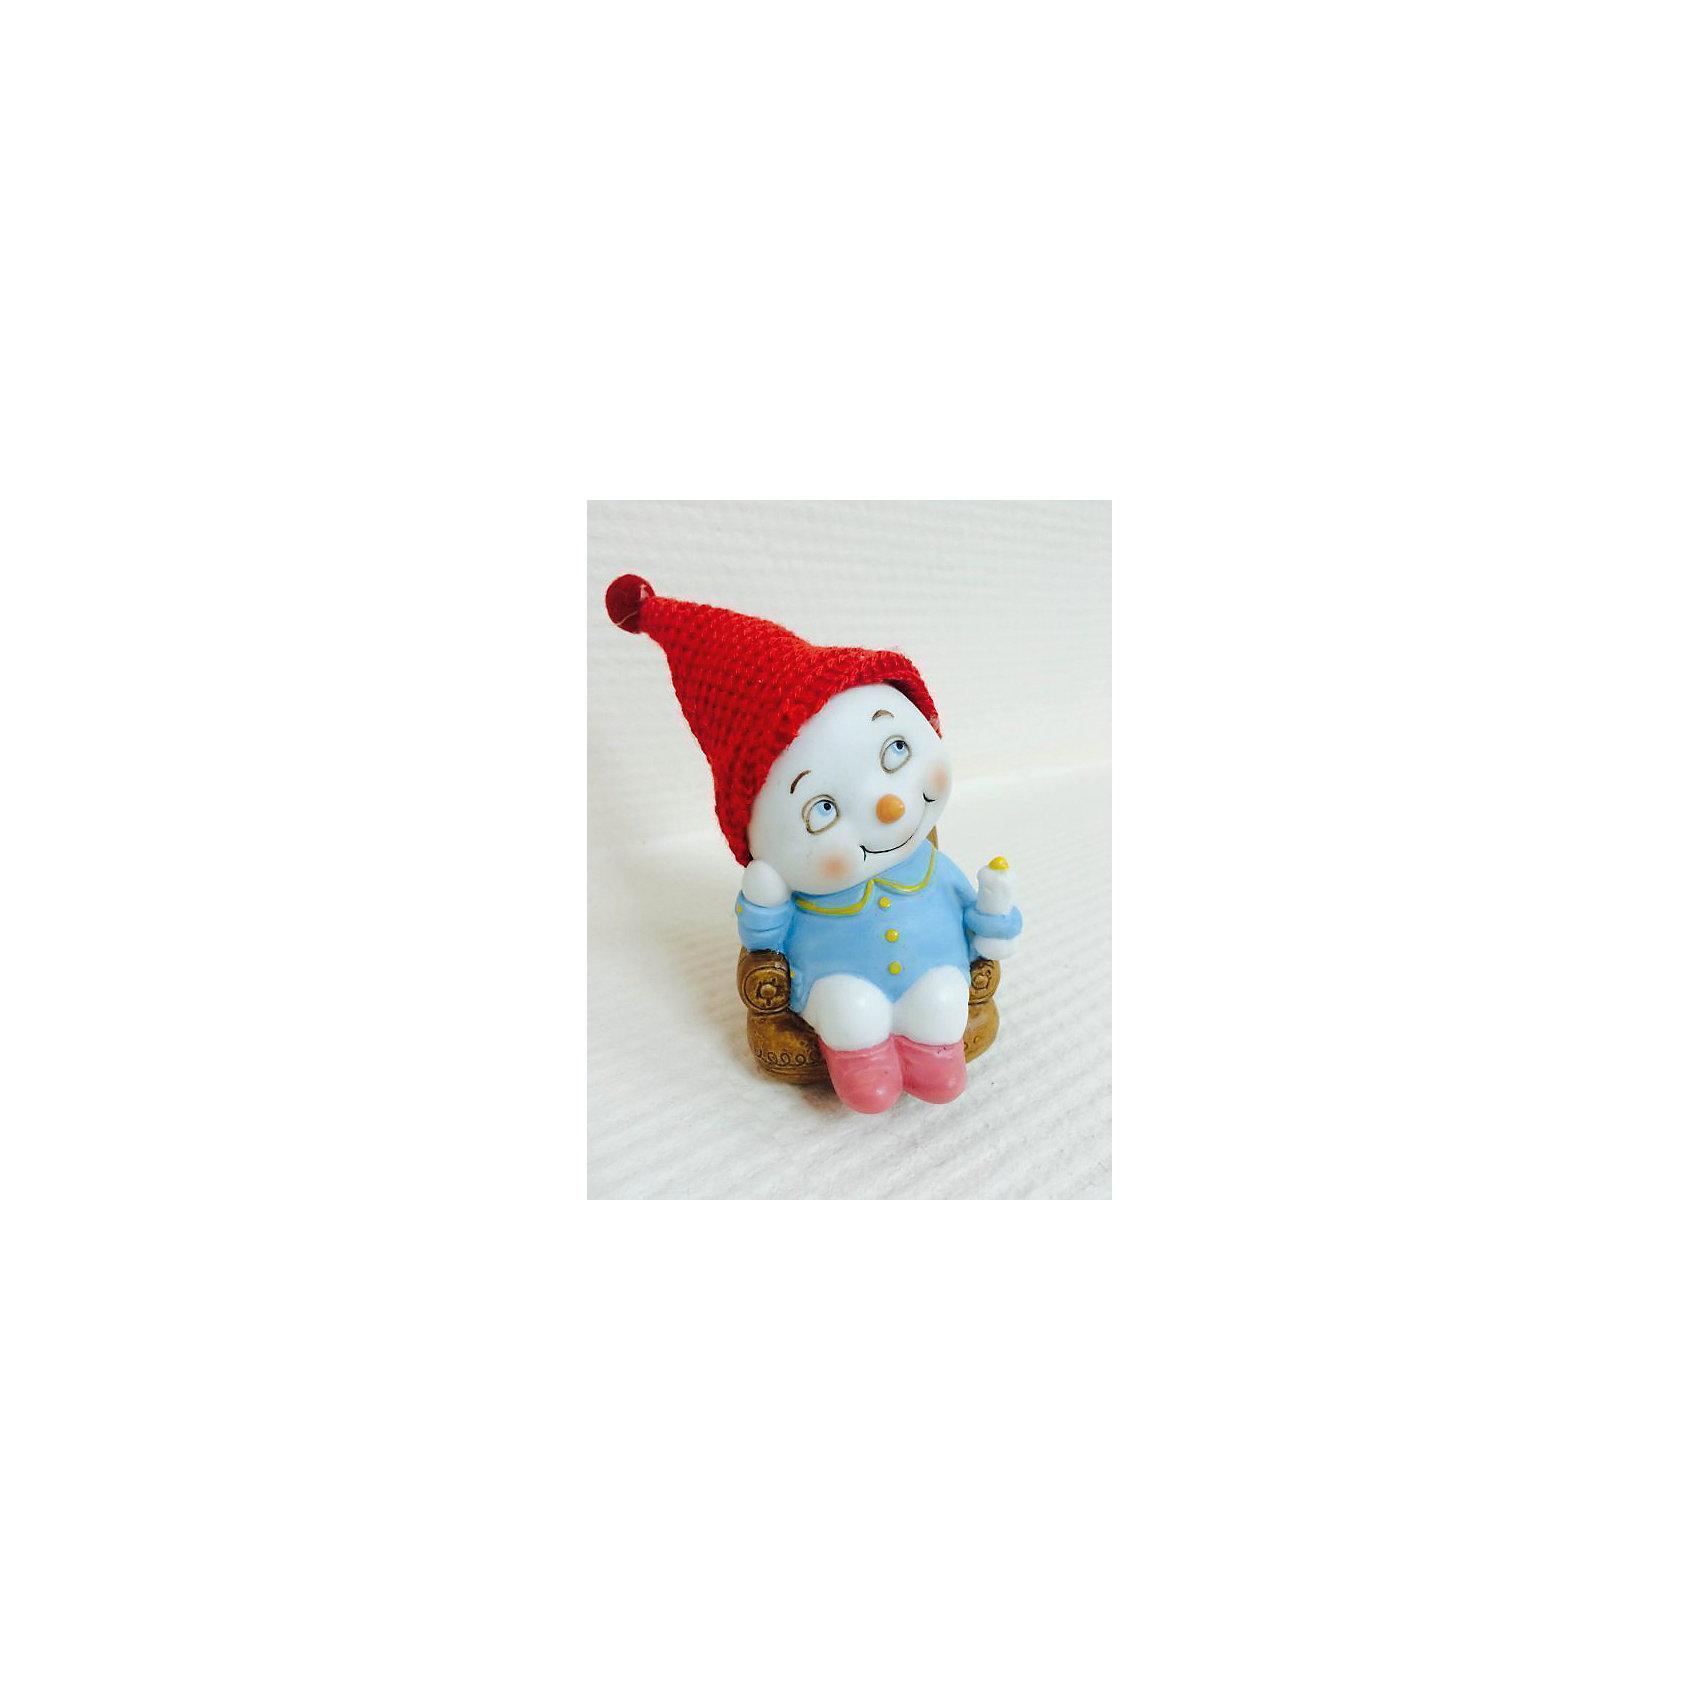 Снеговик в кресле, 8 смНовогодняя фигурка Снеговик в кресле, Феникс-Презент, станет замечательным украшением Вашего новогоднего интерьера и приятным подарком для родных и друзей. Сувенир выполнен в виде забавного Снеговика в красном колпачке, сидящего в кресле. Поставленная под елку,<br>симпатичная фигурка порадует и взрослых и детей и поможет создать волшебную атмосферу новогодних праздников.<br><br>Дополнительная информация:<br><br>- Материал: керамика.<br>- Размер: 8 см.<br>- Вес: 100 гр. <br><br>Снеговика в кресле, Феникс-Презент,  можно купить в нашем интернет-магазине.<br><br>Ширина мм: 90<br>Глубина мм: 60<br>Высота мм: 60<br>Вес г: 100<br>Возраст от месяцев: 36<br>Возраст до месяцев: 2147483647<br>Пол: Унисекс<br>Возраст: Детский<br>SKU: 4274745